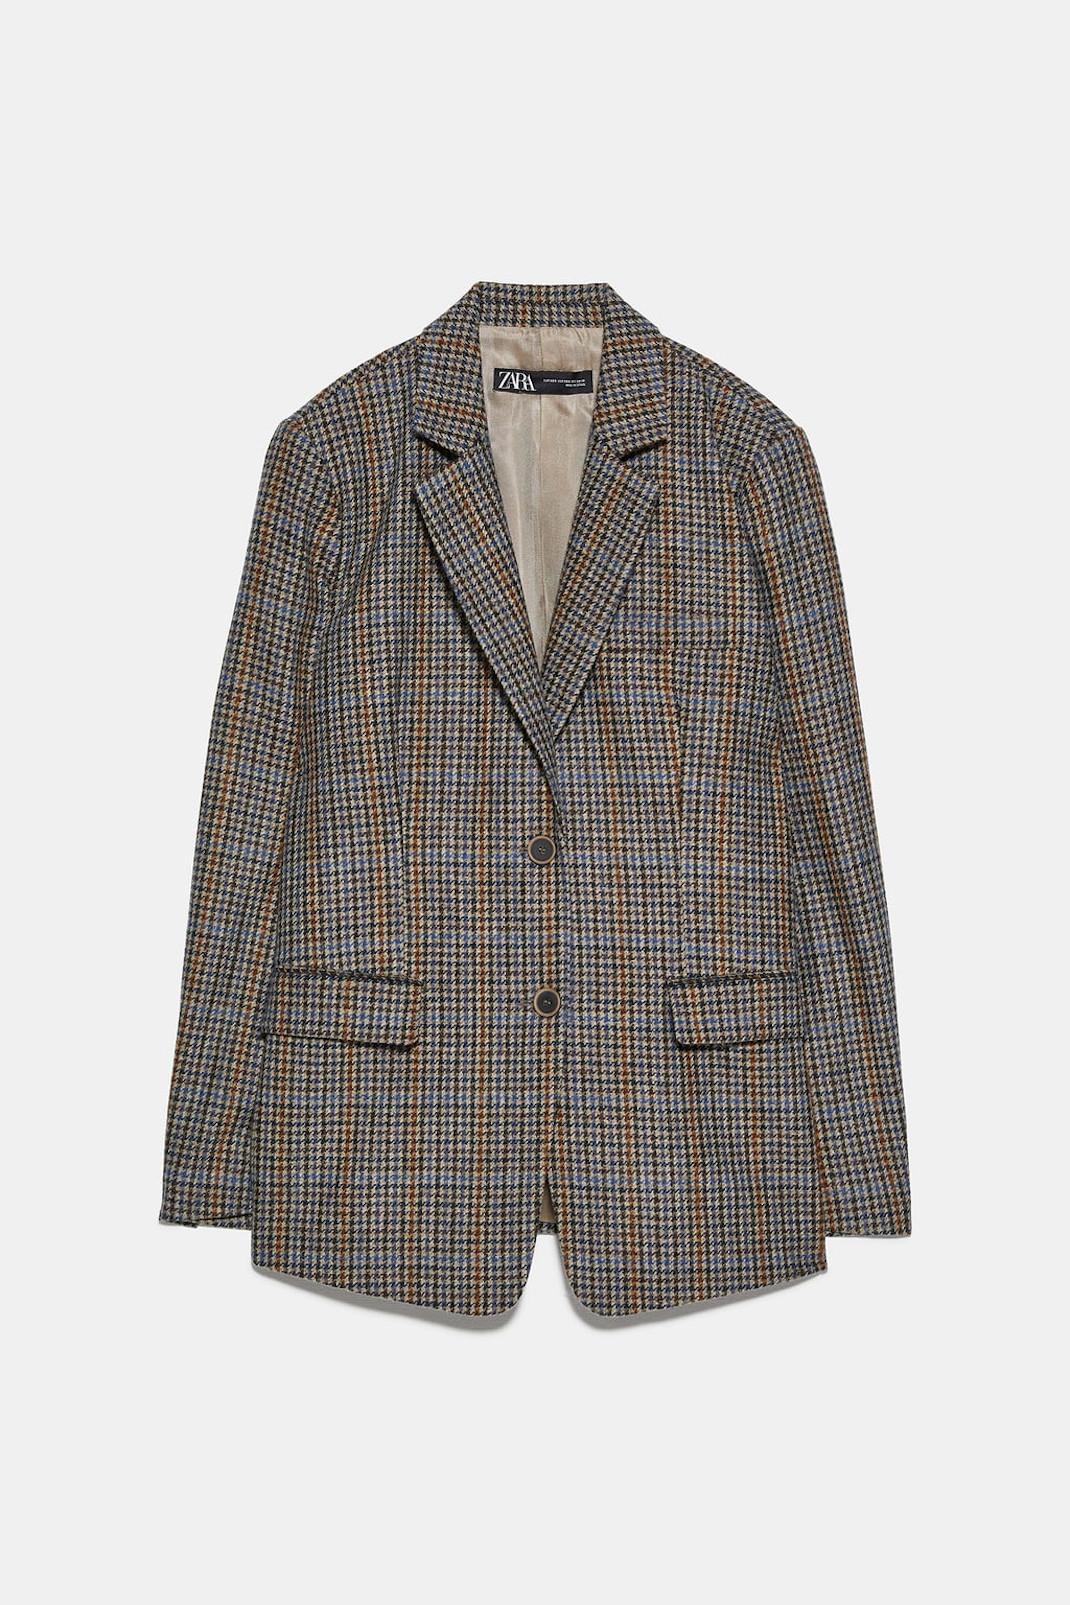 Το σακάκι από τα Zara